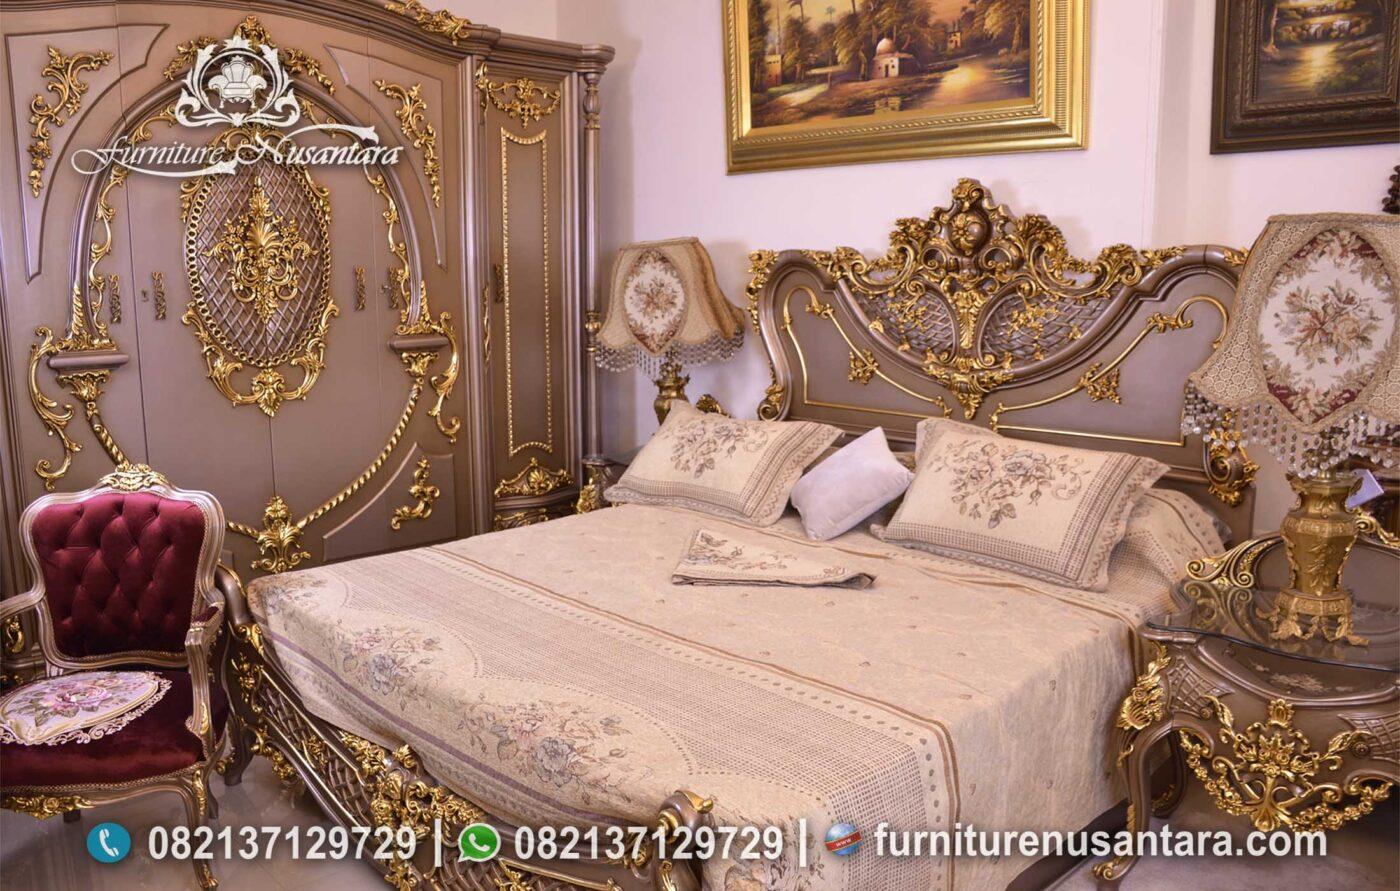 Kamar Tidur Klasik Mewah Pengantin KS-235, Furniture Nusantara